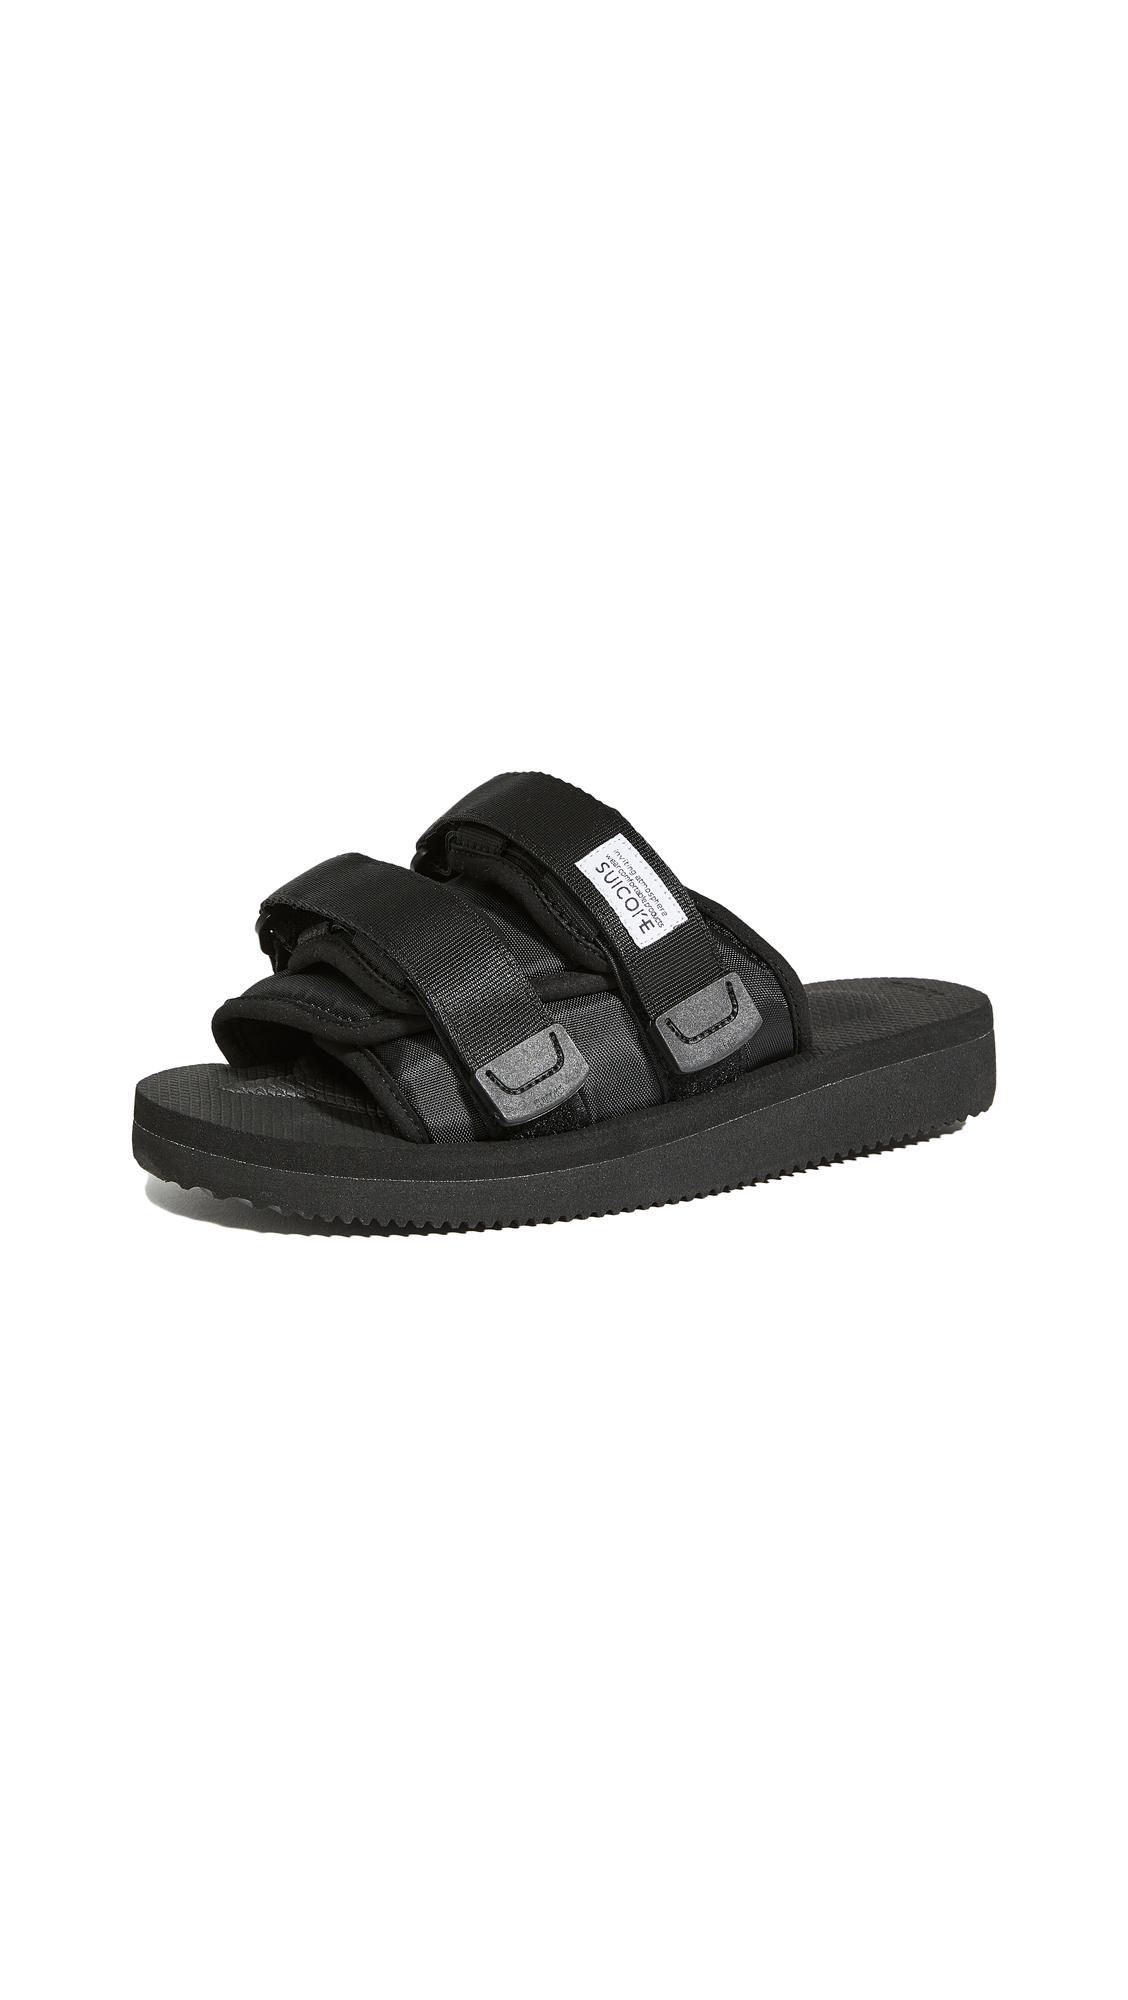 Buy Suicoke Moto-CAB Sandals online, shop Suicoke